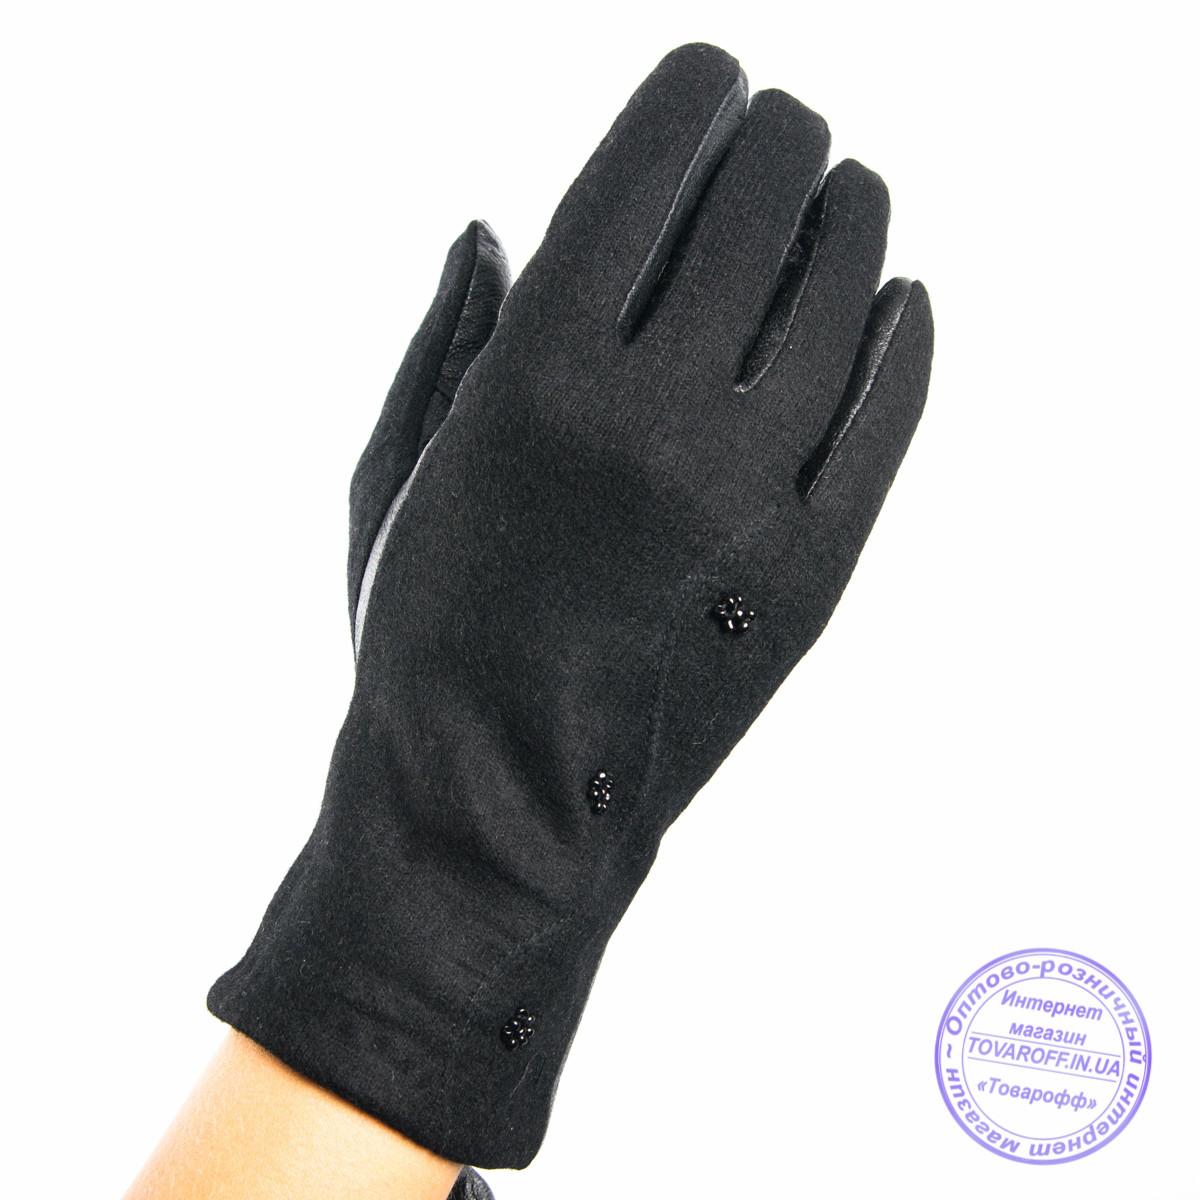 Оптом женские кашемировые перчатки с кожаной ладошкой с плюшевой подкладкой - №F4-8